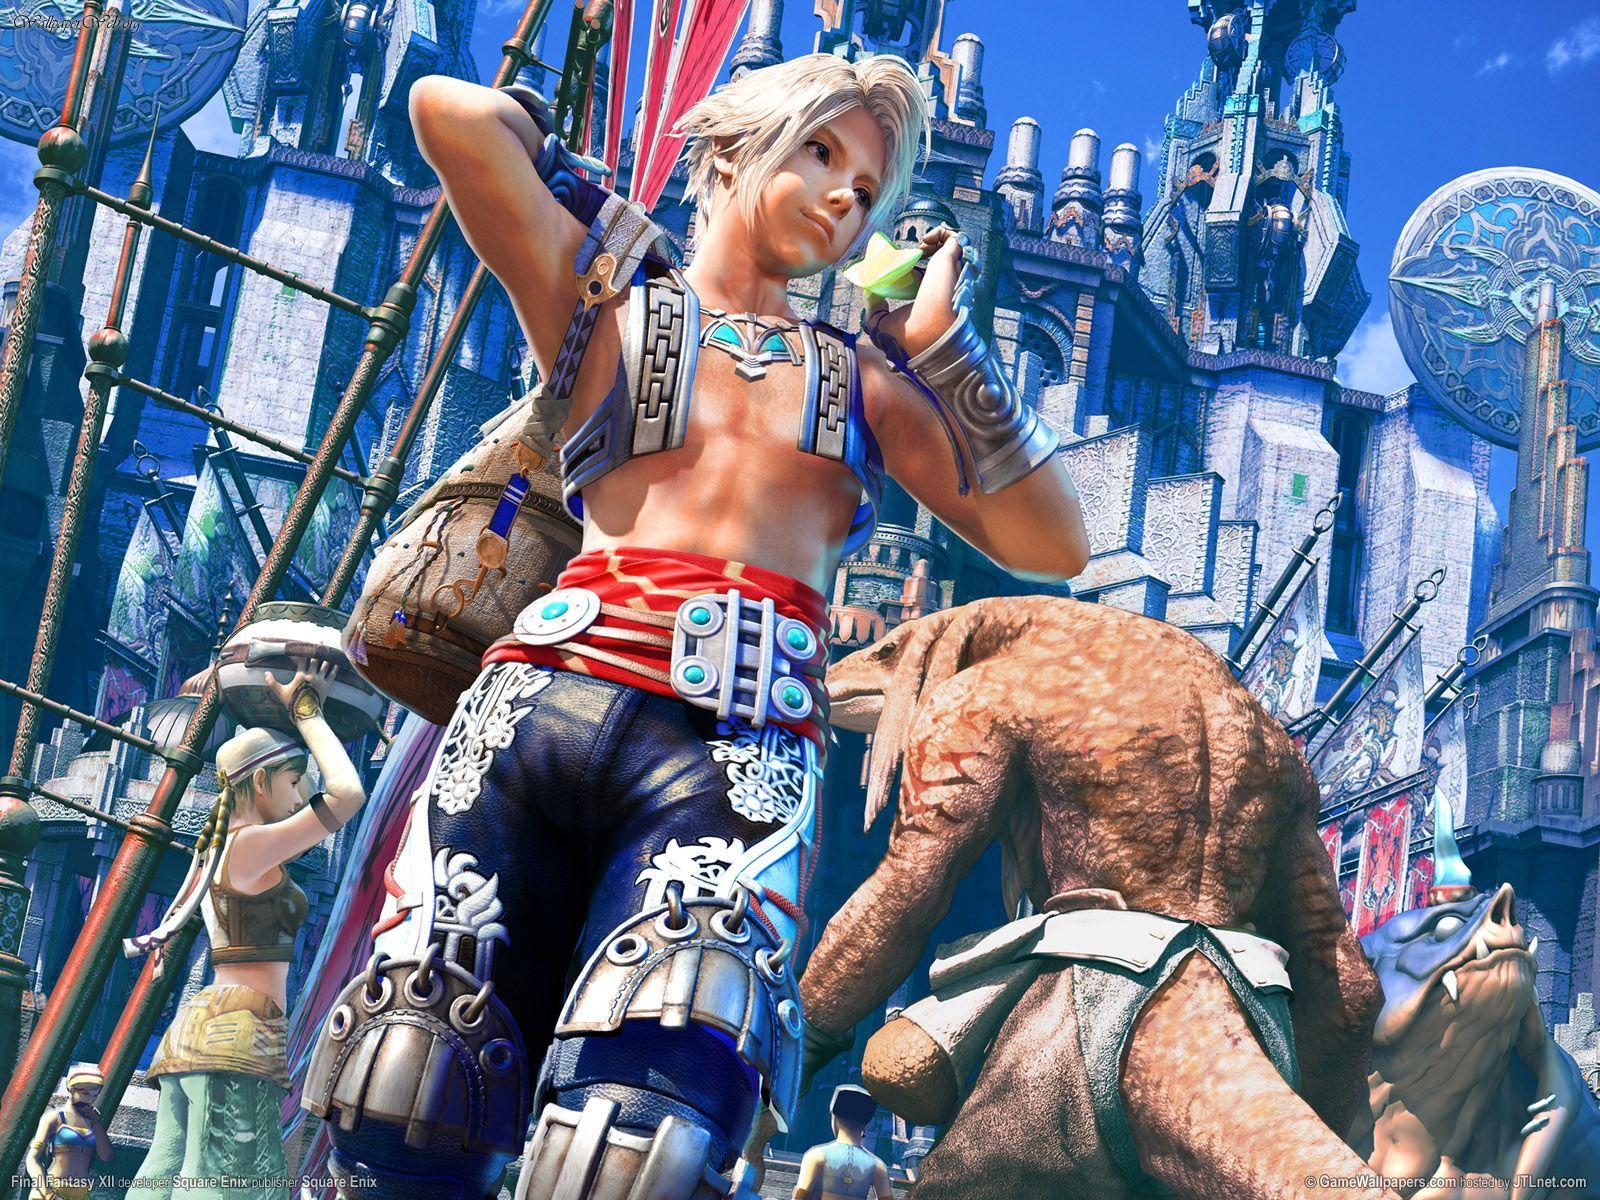 http://3.bp.blogspot.com/_pADtwJndSQo/TMY7jxtjFLI/AAAAAAAAA8w/Ack1hV-rd2w/s1600/wallpaper_final_fantasy_xii_04_1600.jpg